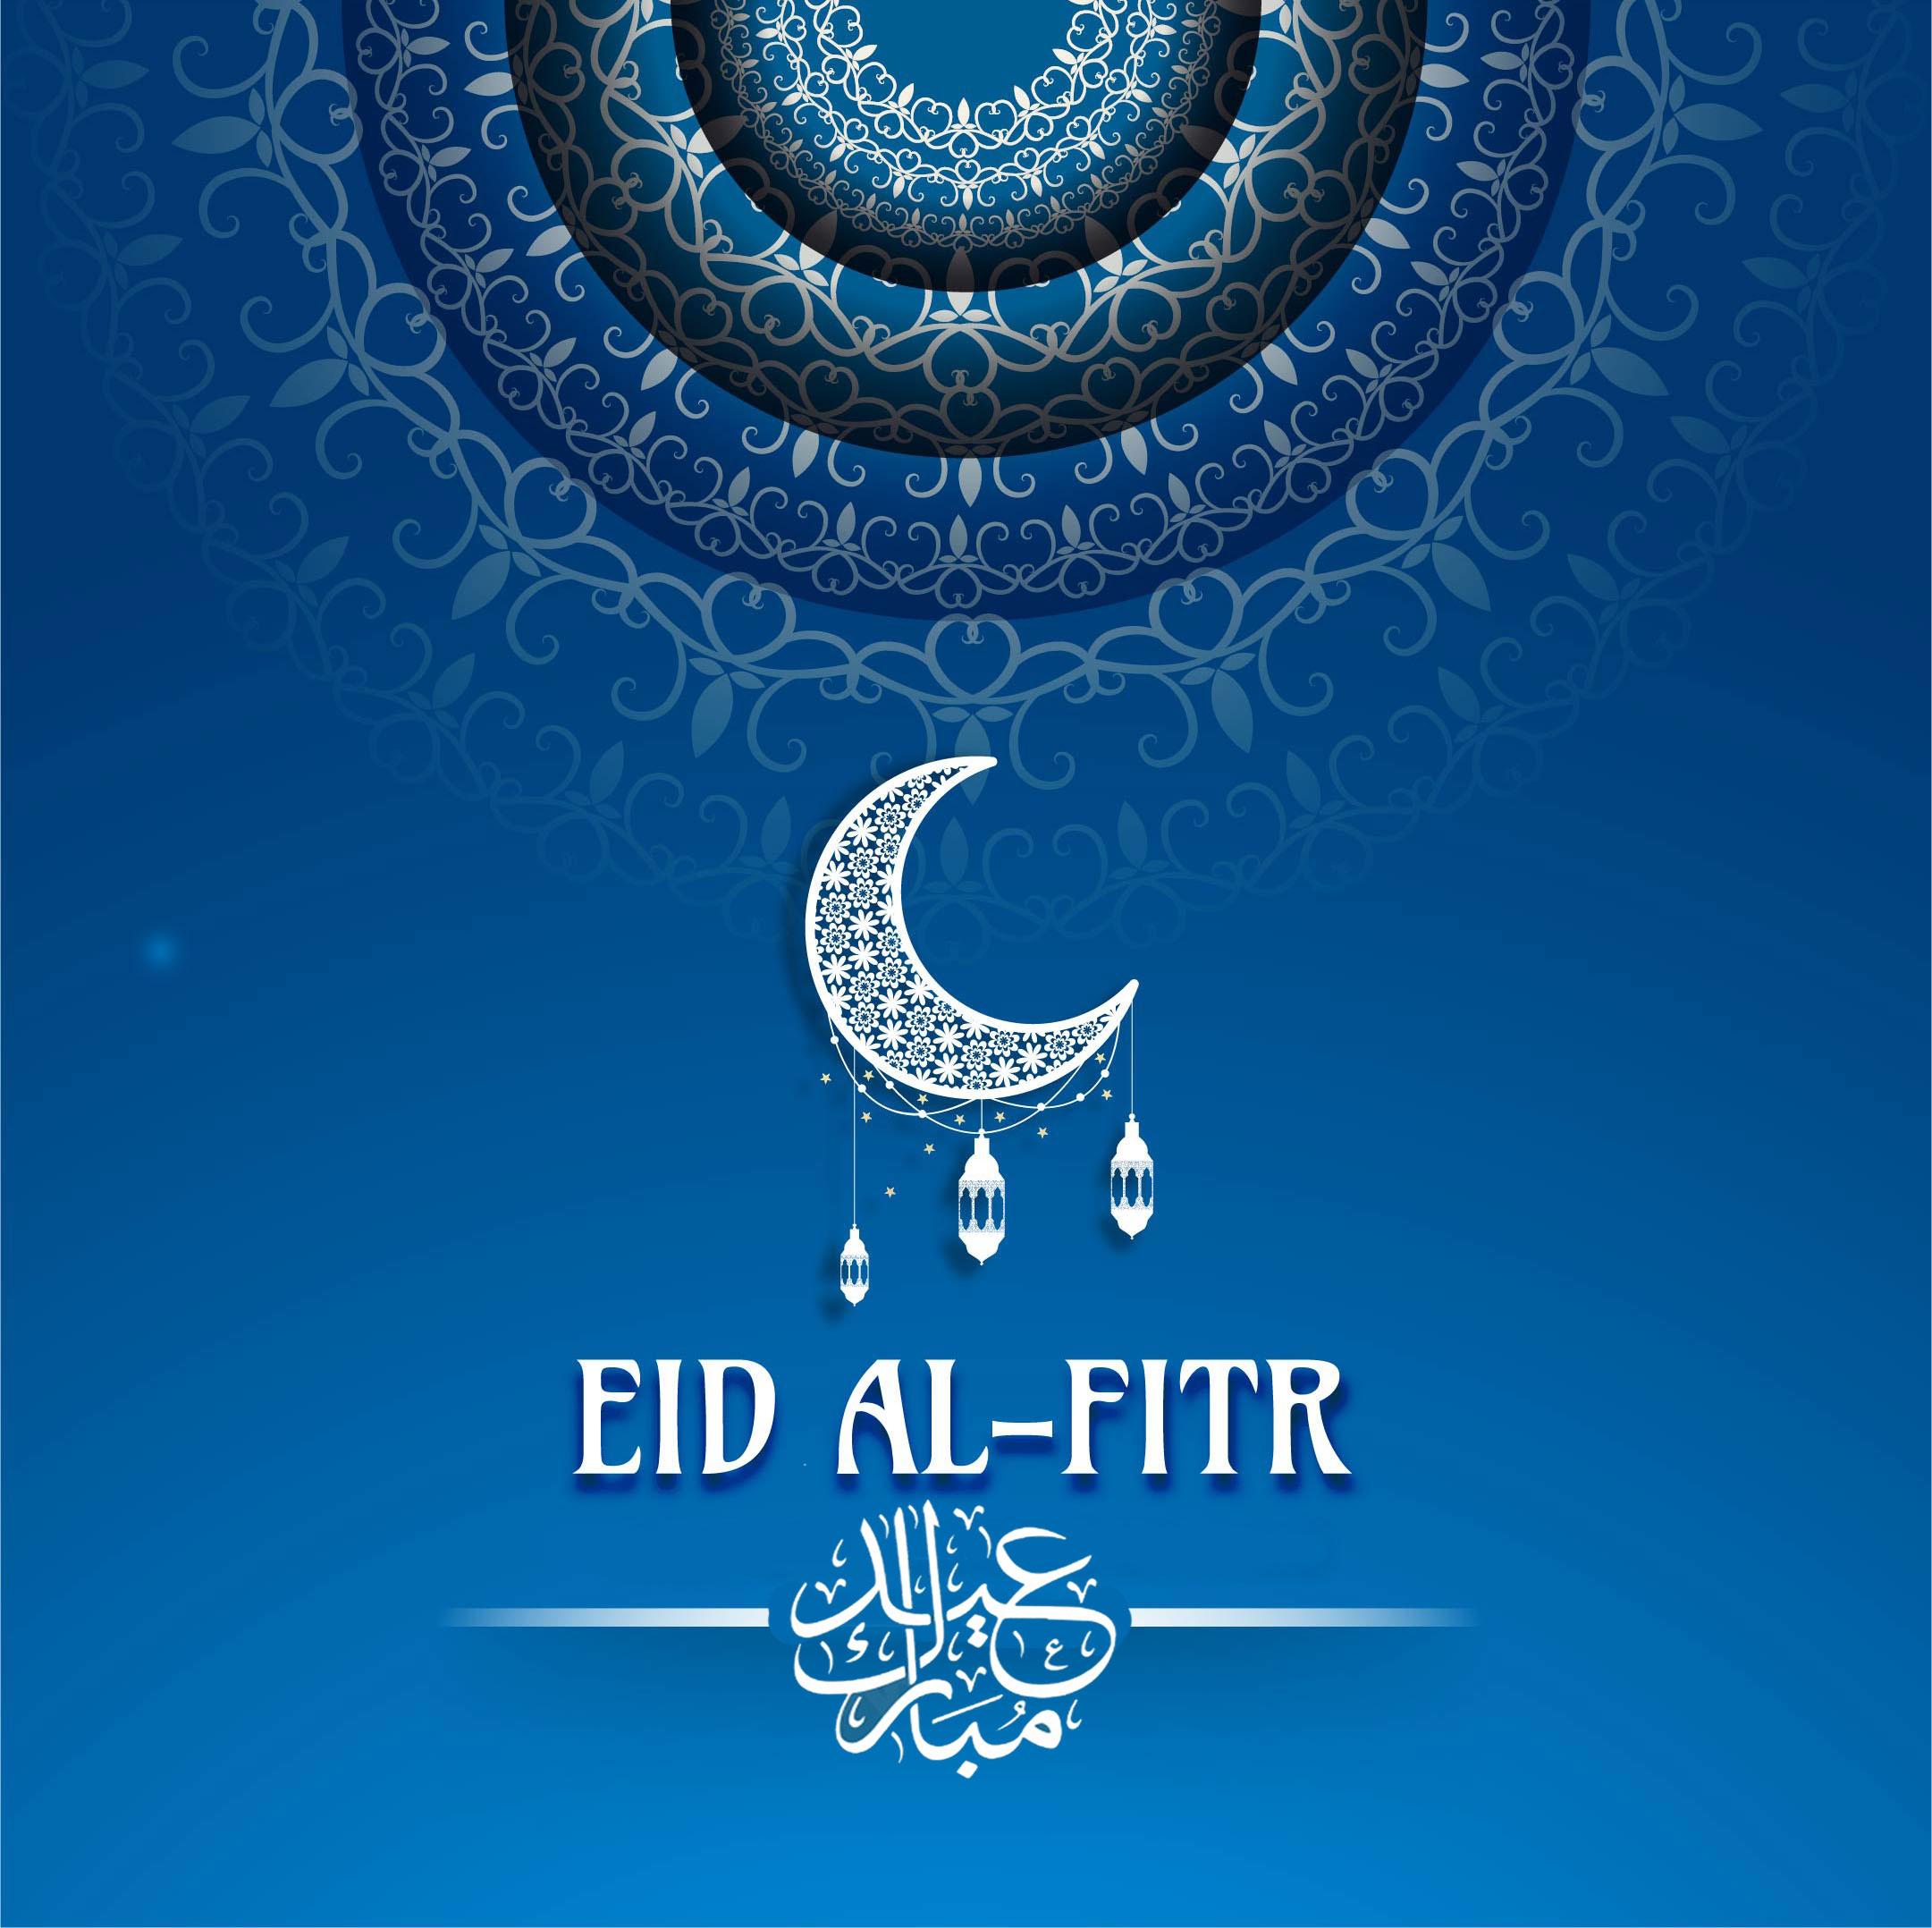 صور عن العيد 2020 رسائل عيد الفطر عيد الفطر المبارك صور عيد الفطر 14